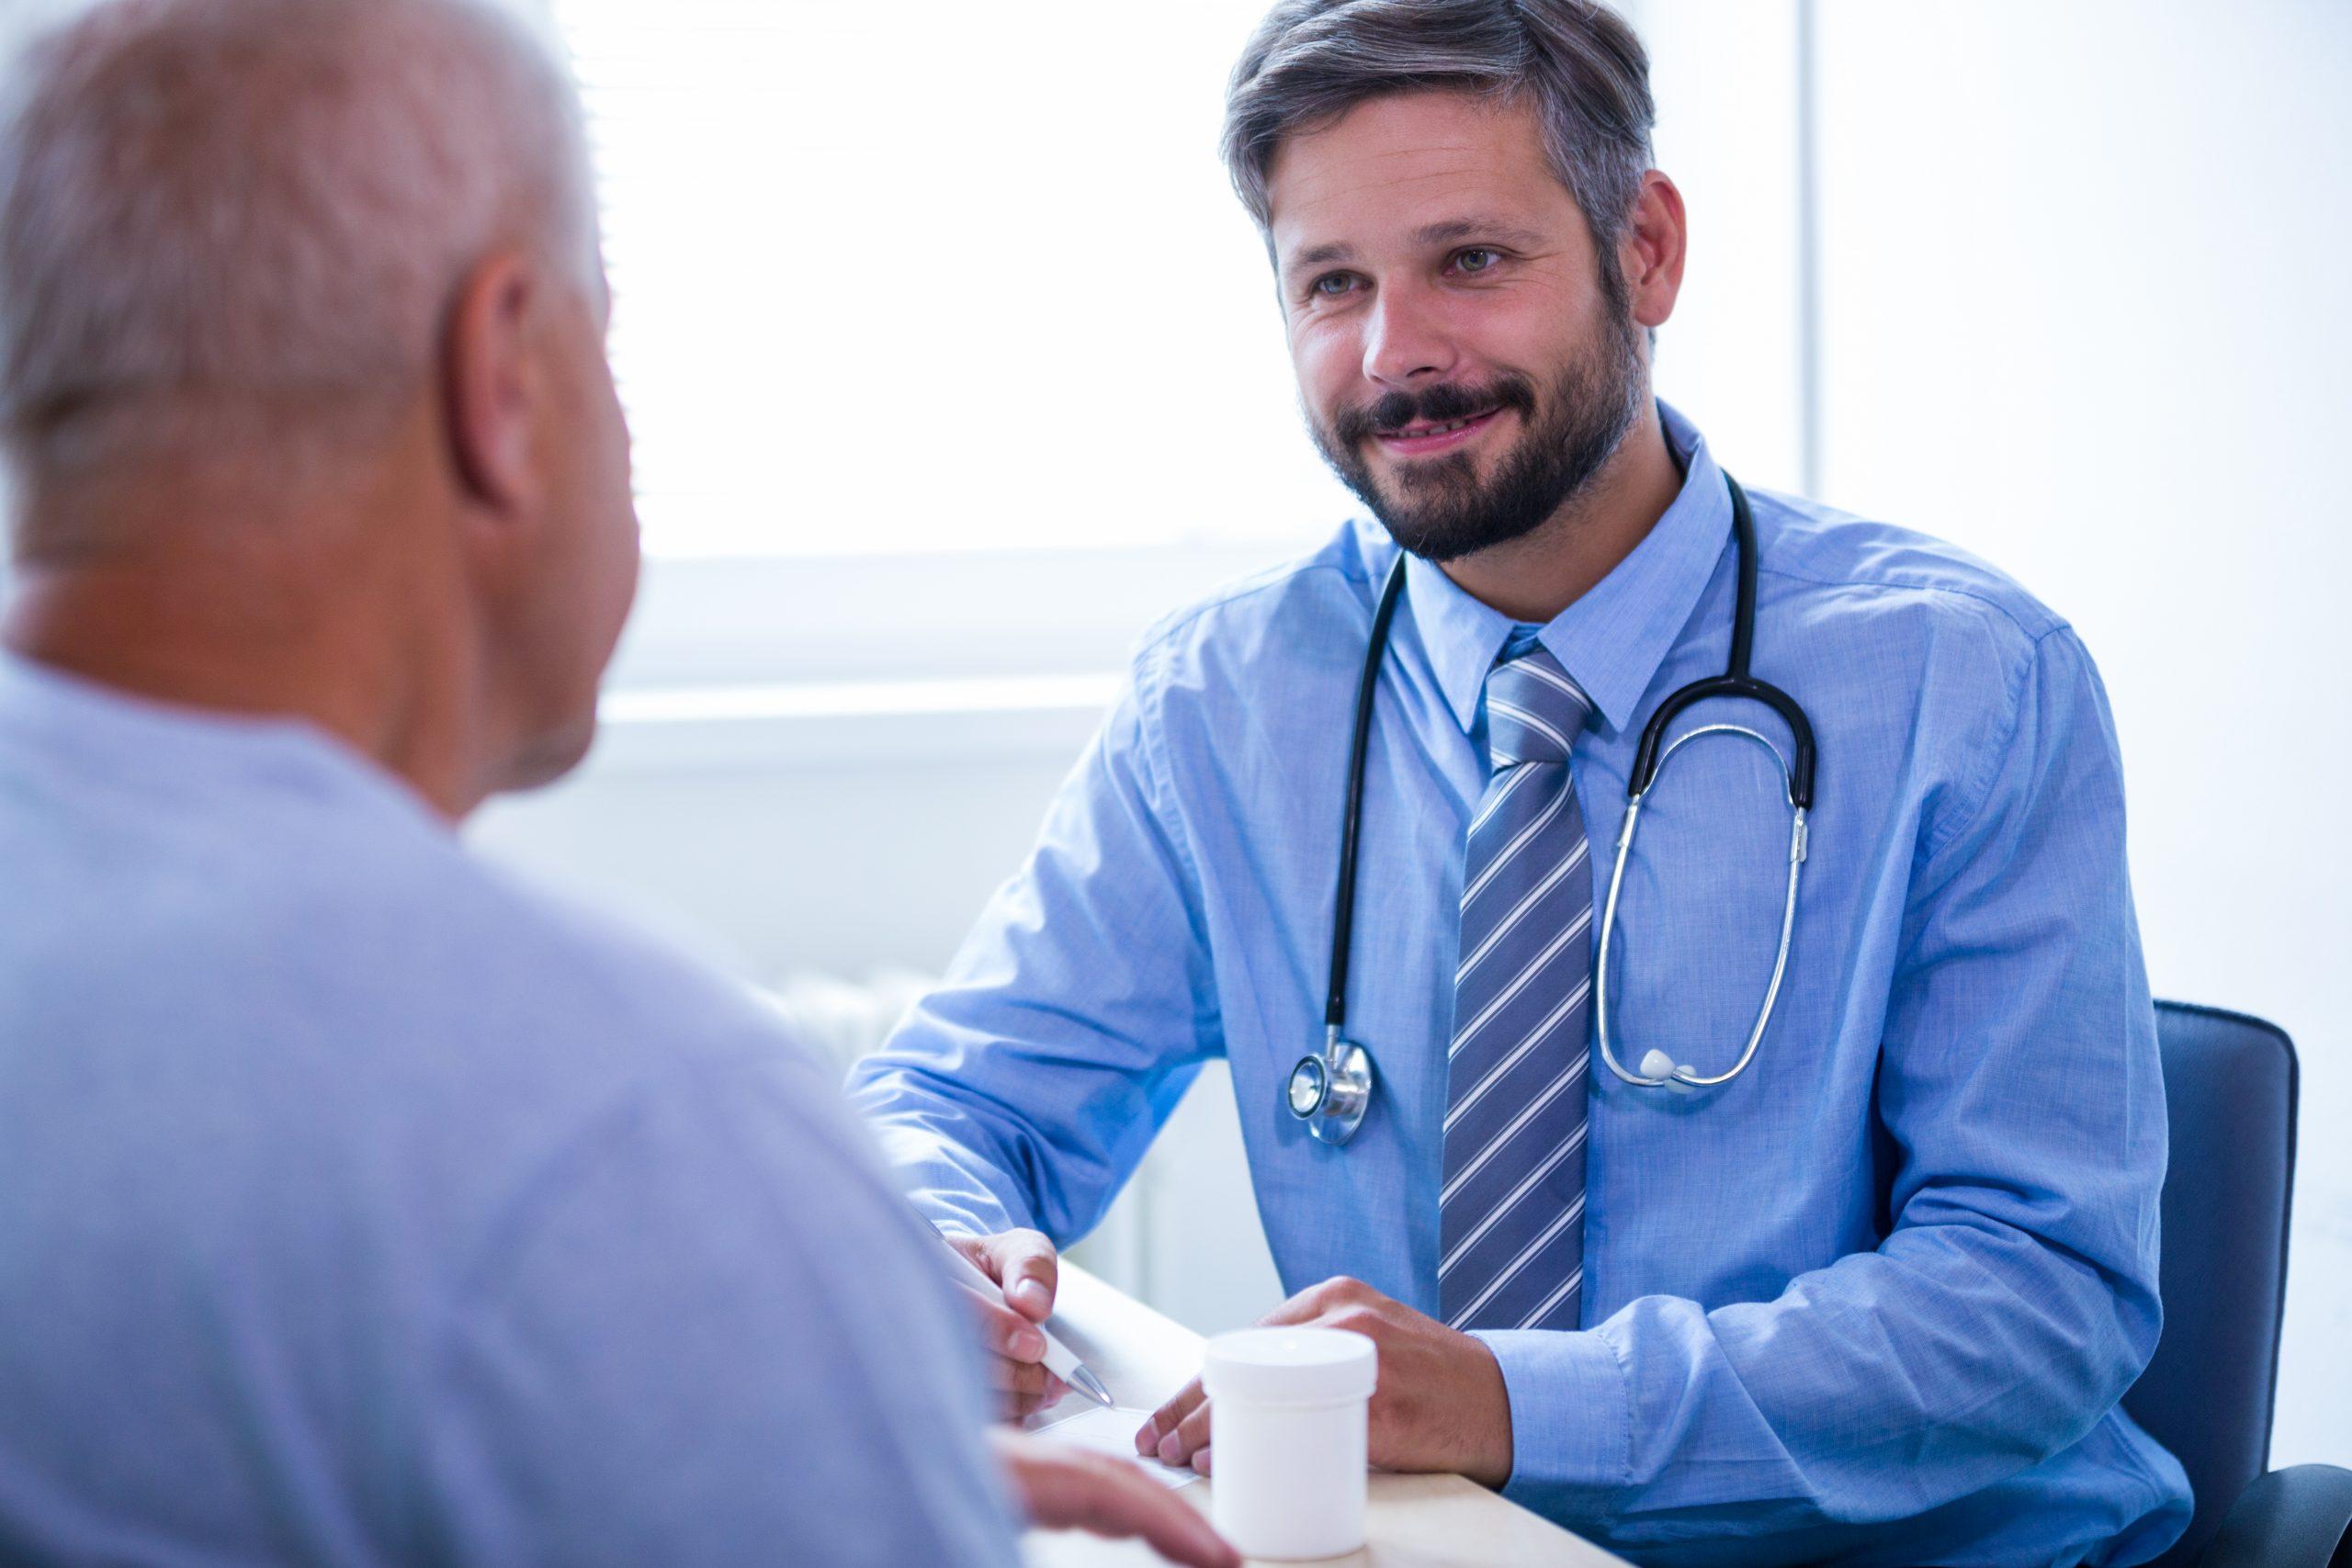 Y si mi oncológo me ofrece participar en un ensayo clínico, ¿qué hago?